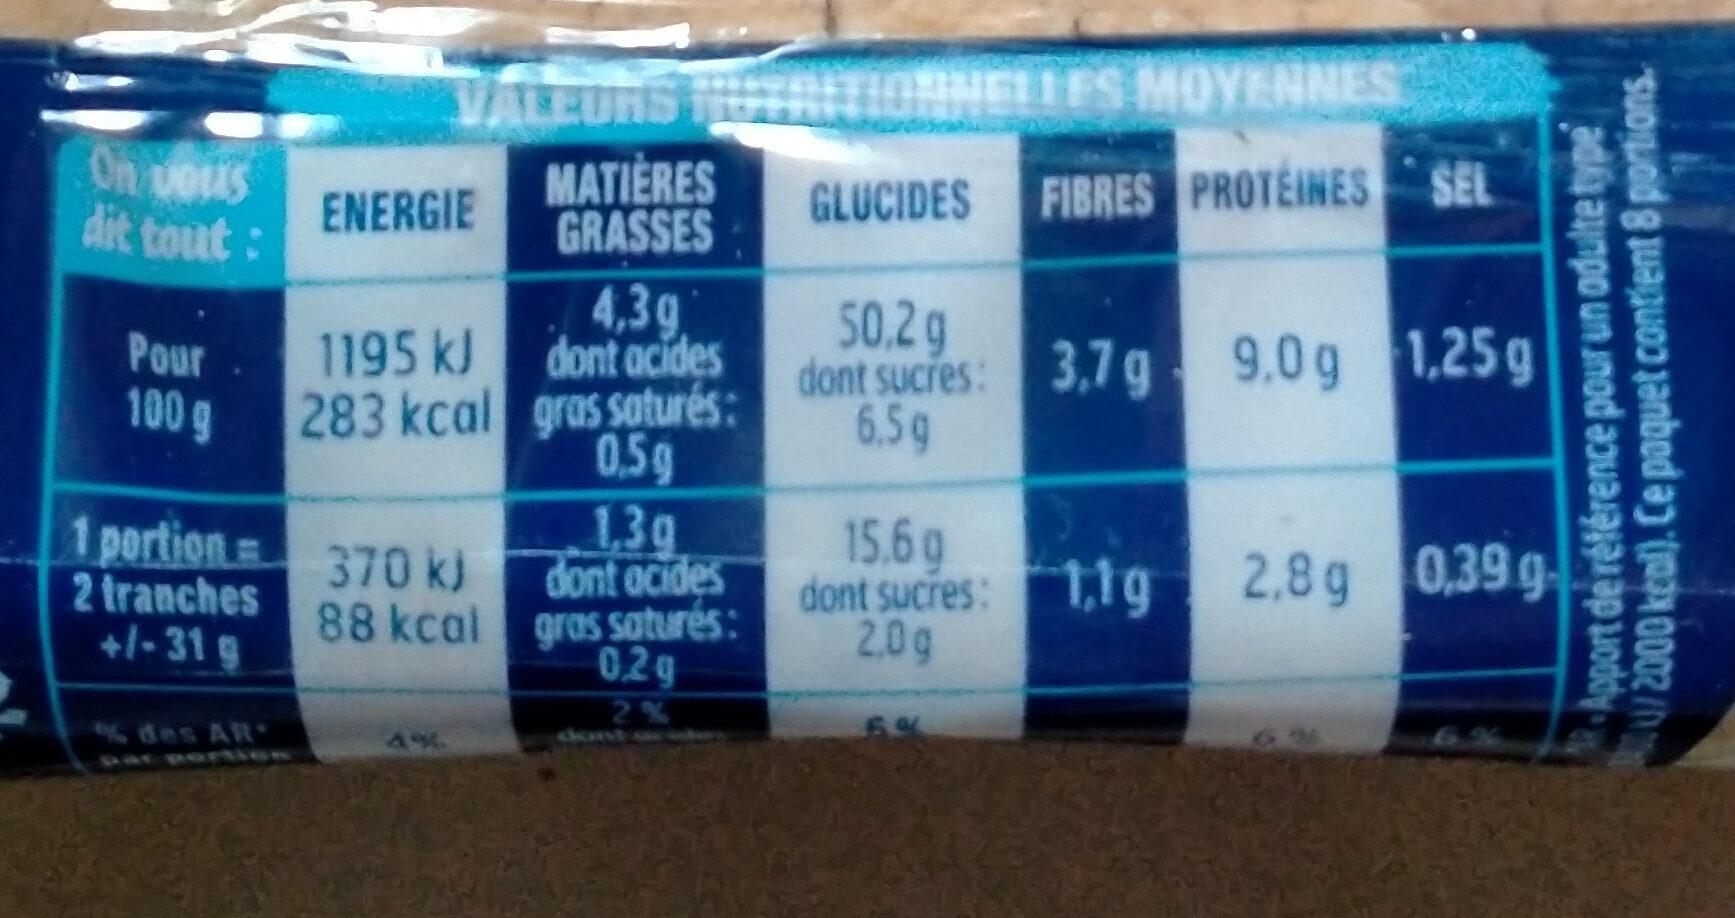 Harrys pain de mie longue conservation nature - Nutrition facts - fr